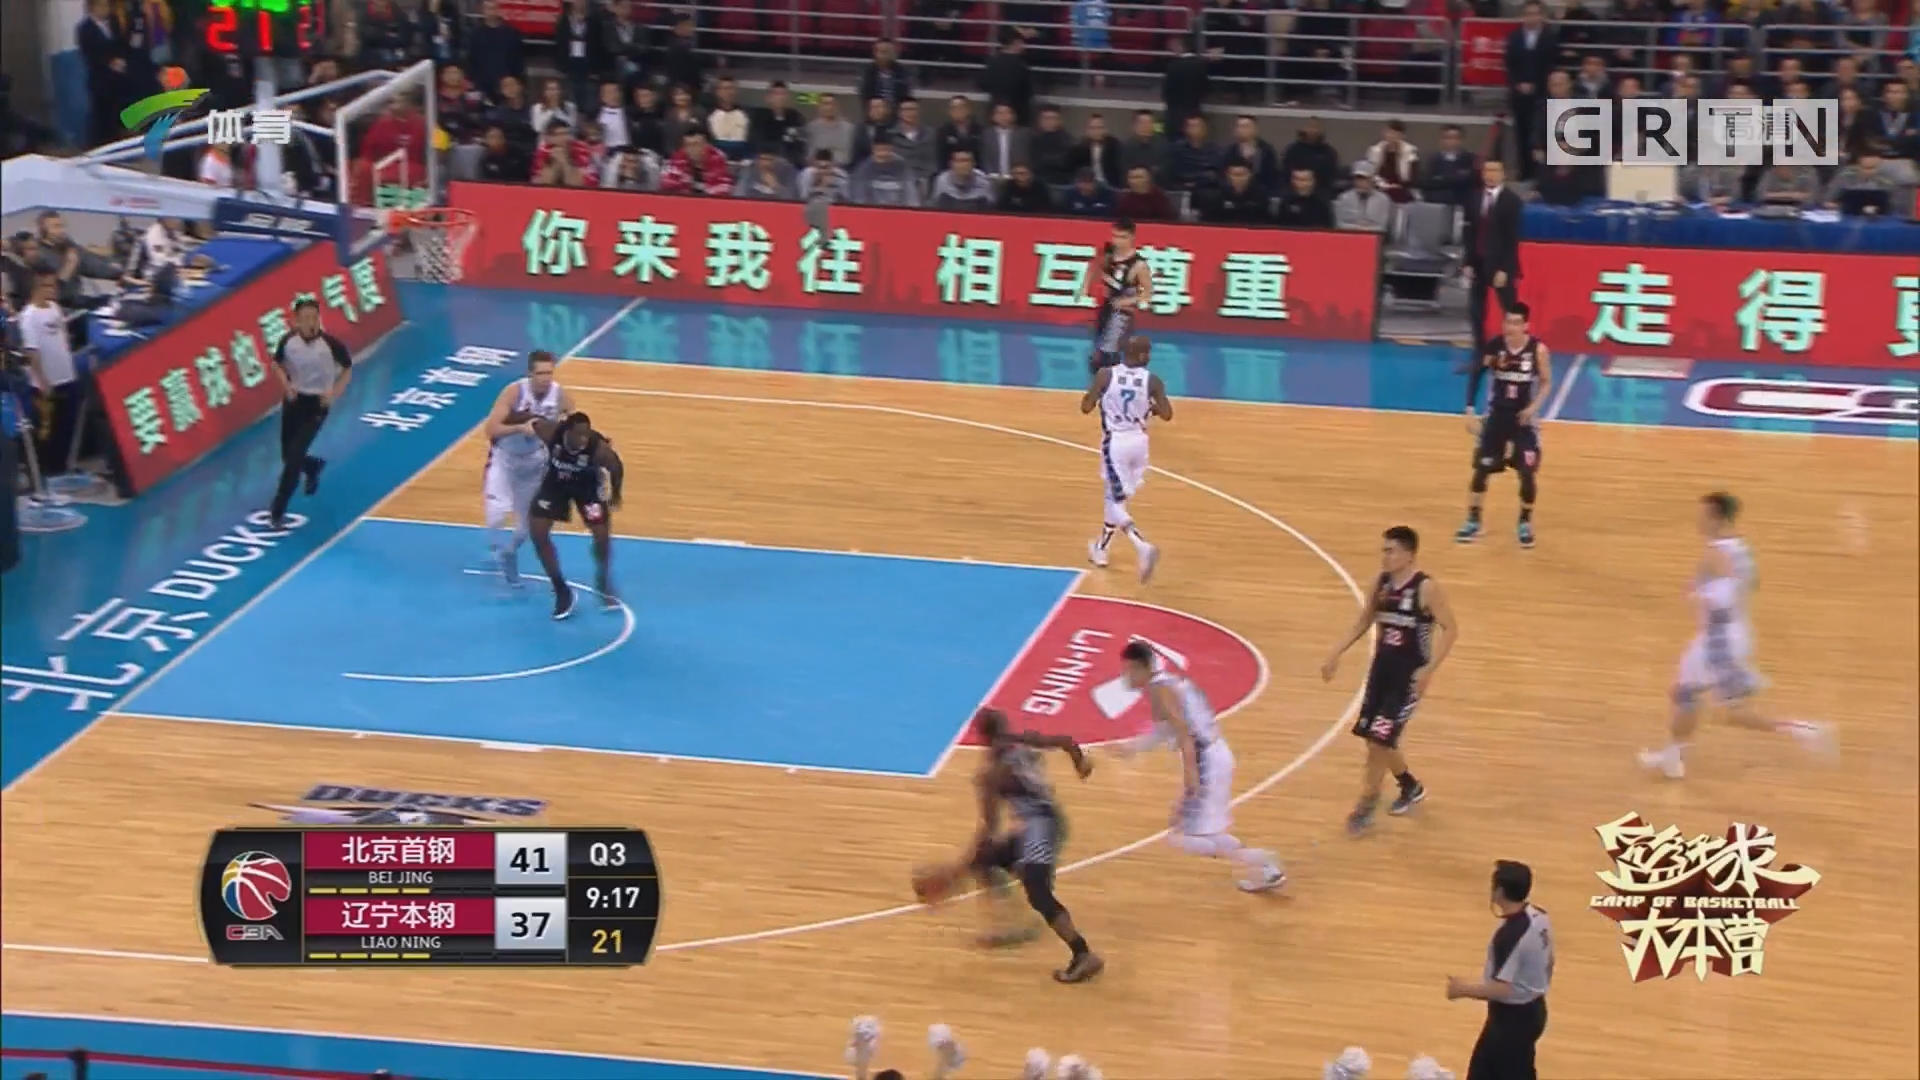 辽宁客场逆转北京 总分3-1晋级4强